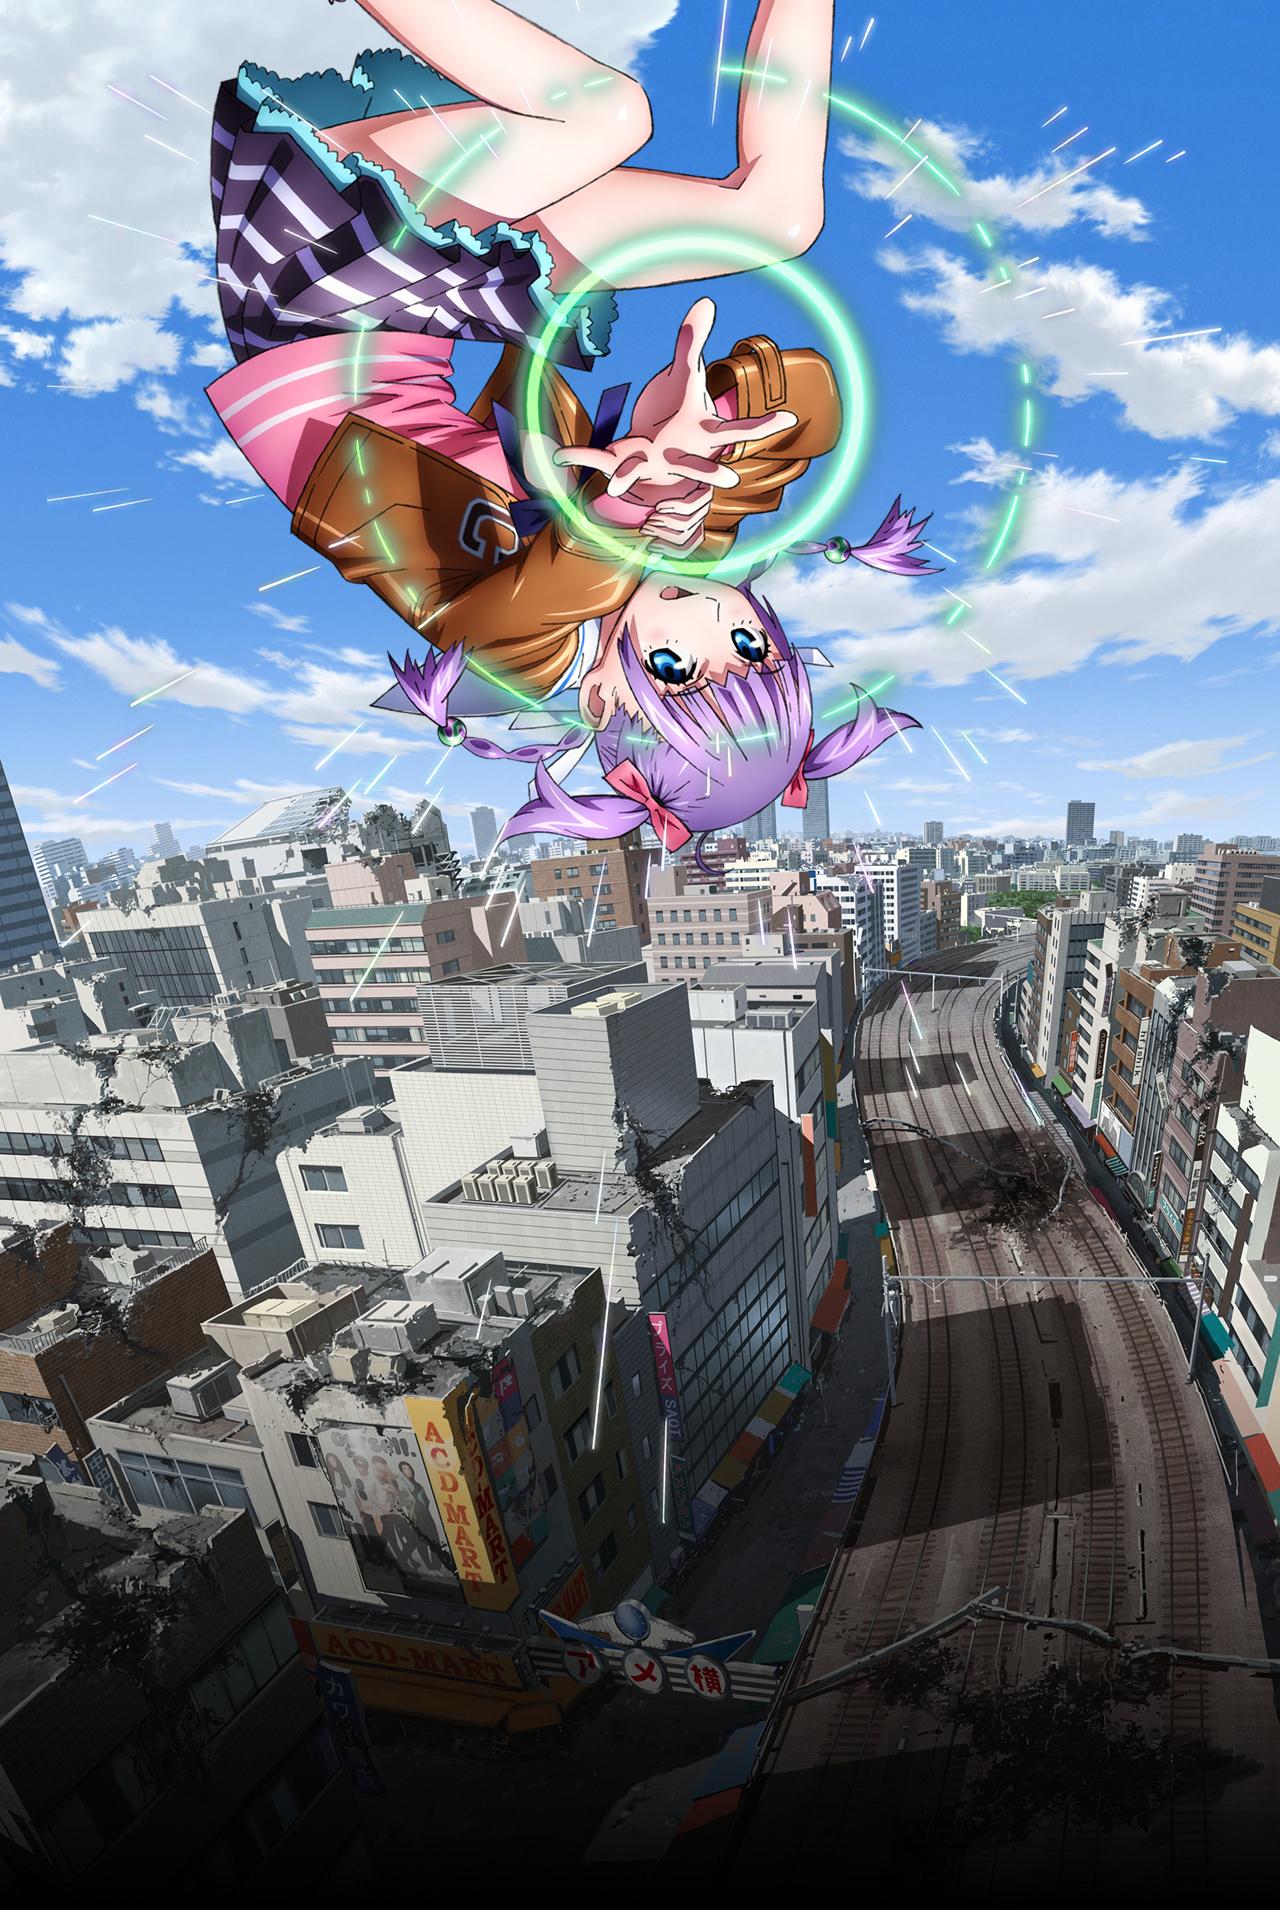 131107(4) - 魔法警匪法庭動畫《Wizard Barristers~弁魔士セシル》將於2014年1月放送、聲優陣容&預告片一同發表!